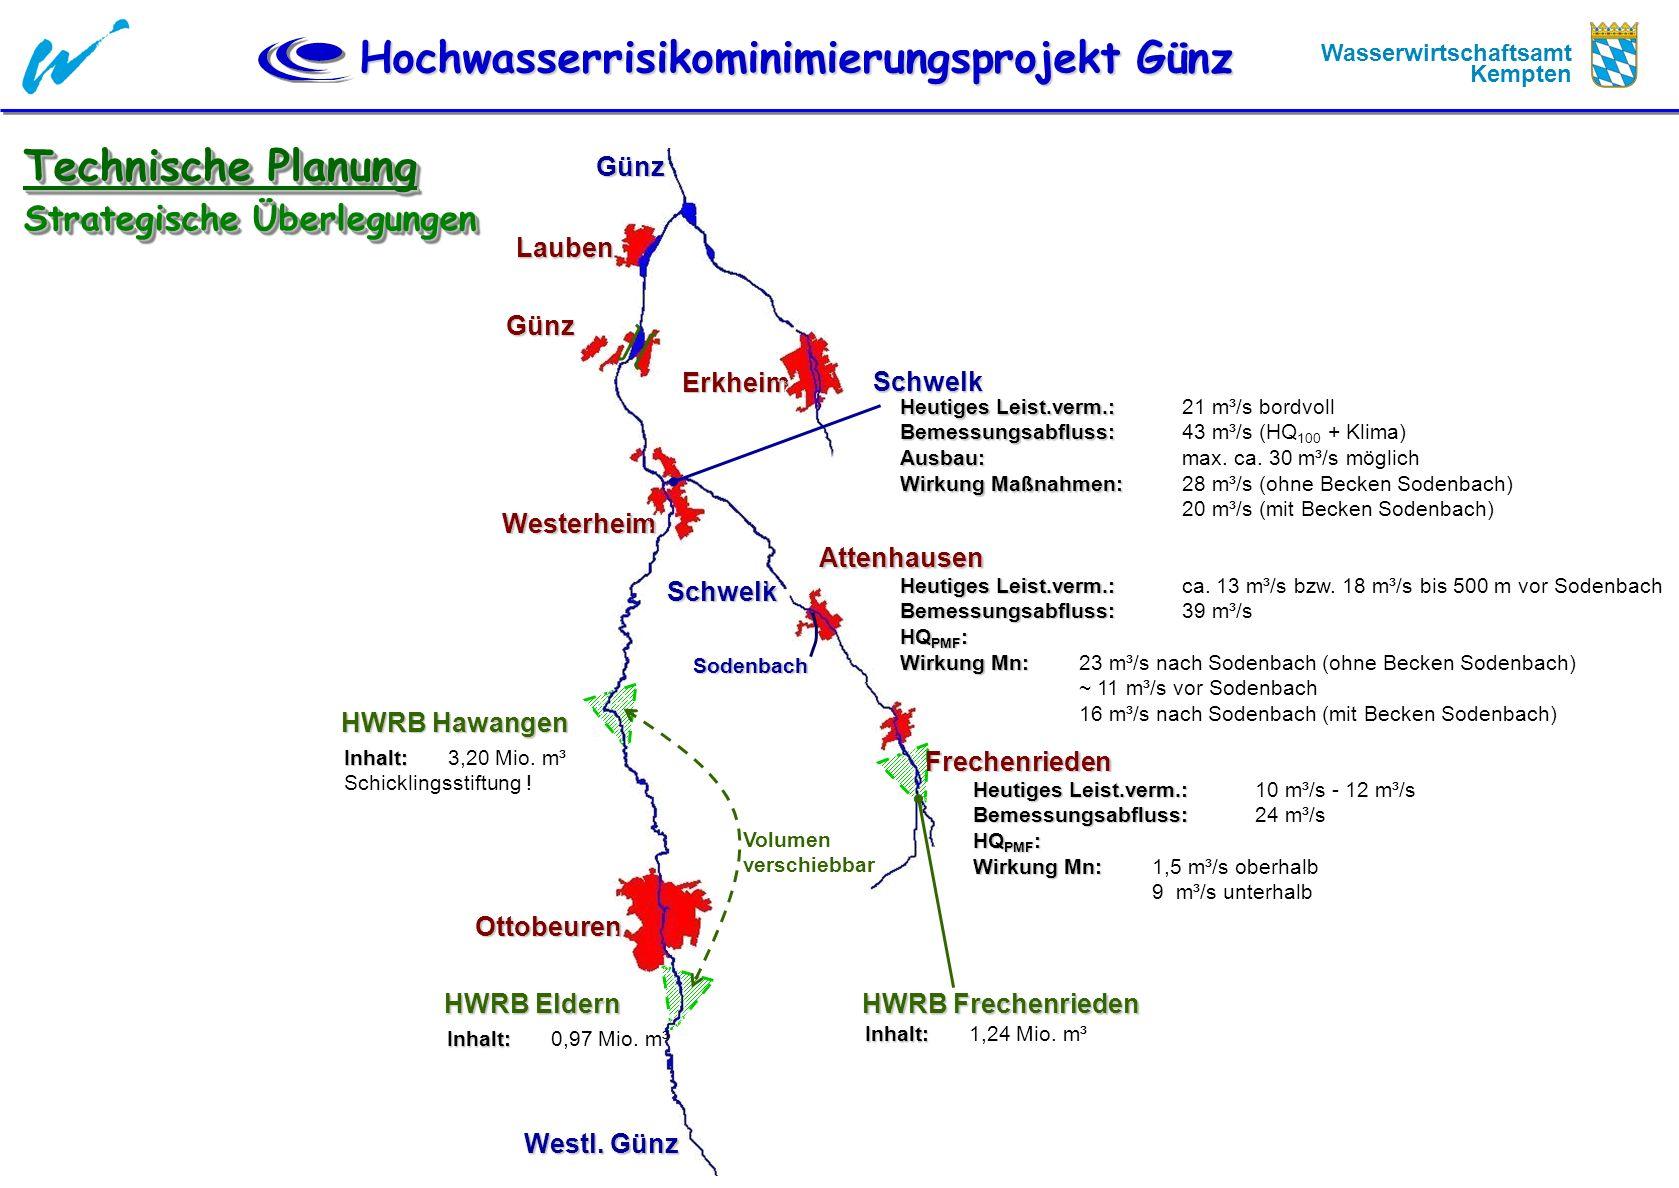 Hochwasserrisikominimierungsprojekt Günz Wasserwirtschaftsamt Kempten Technische Planung Strategische Überlegungen Erkheim Westerheim Ottobeuren Laube